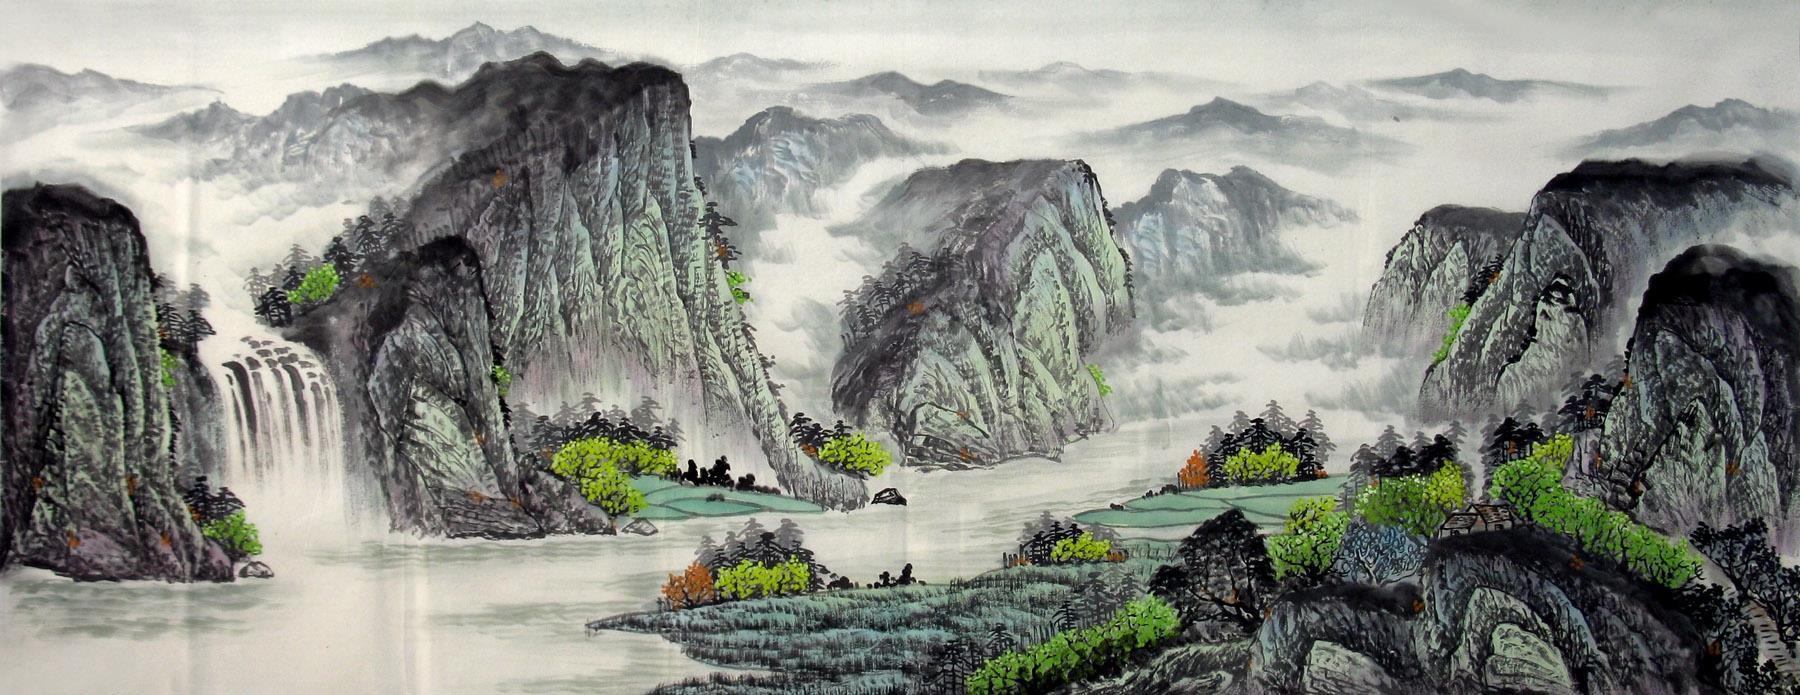 香山画廊中国写意山水画欣耕手绘真迹小六尺无款作品b14-6-14-26图片